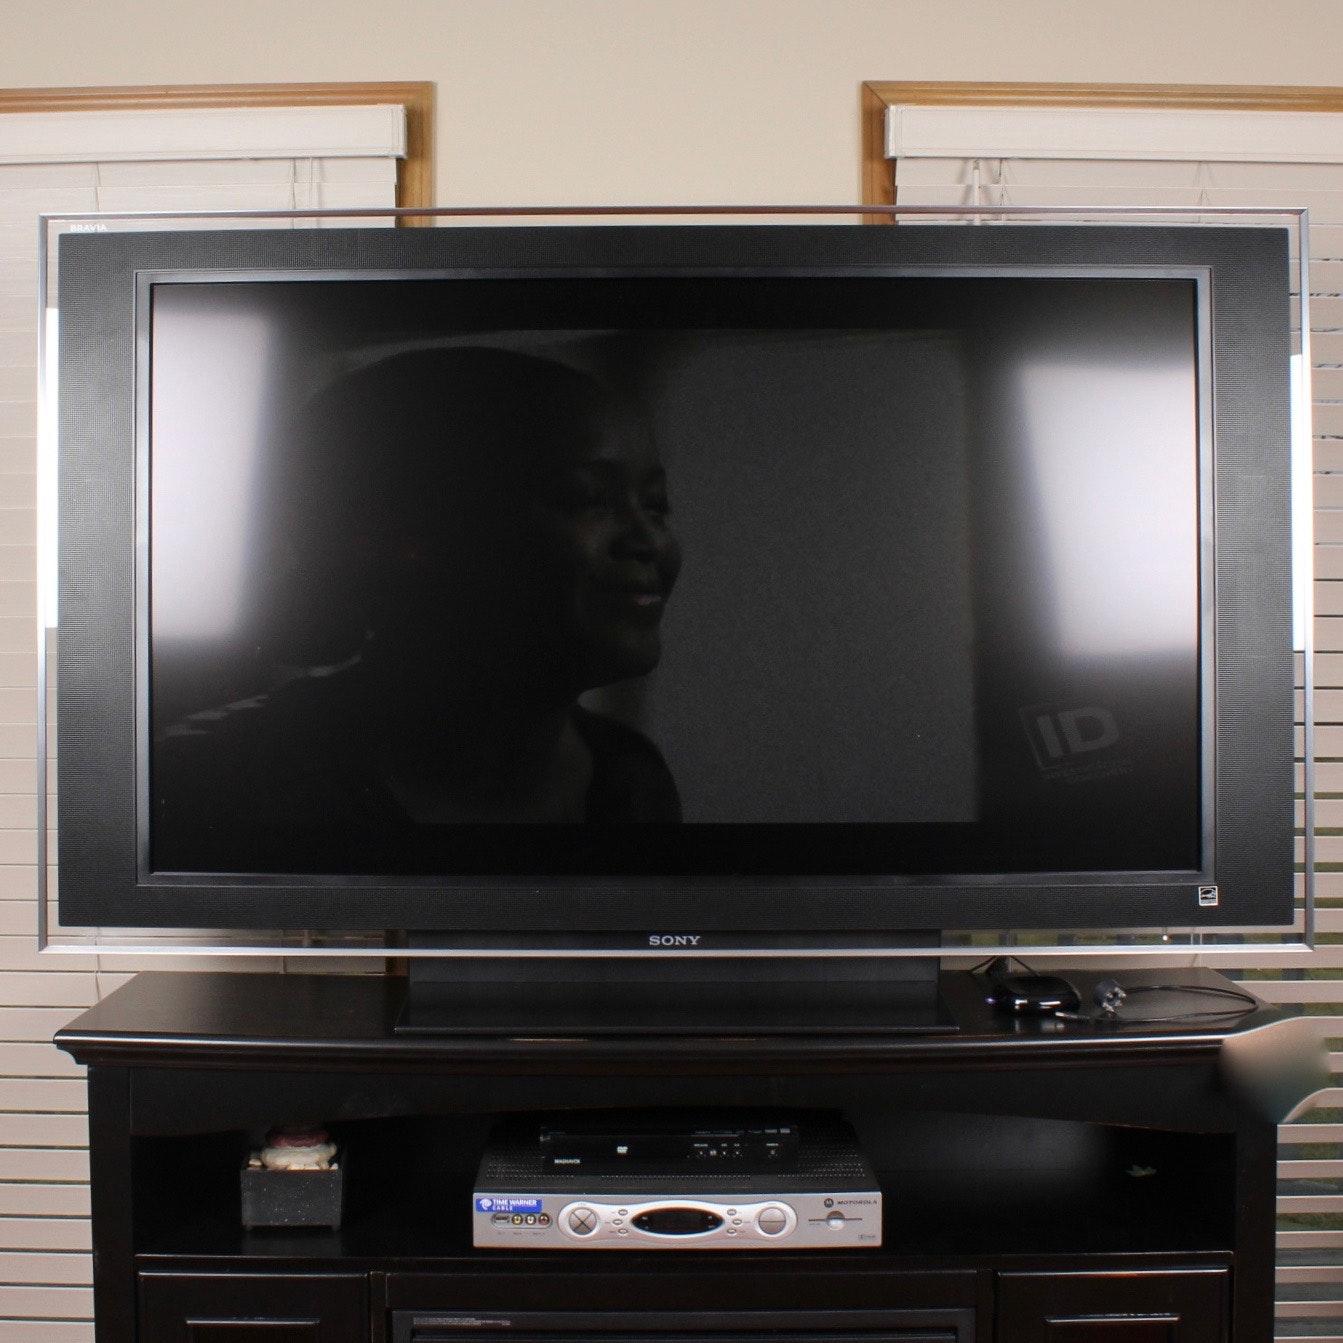 Sony KDL-52XBR4 Television